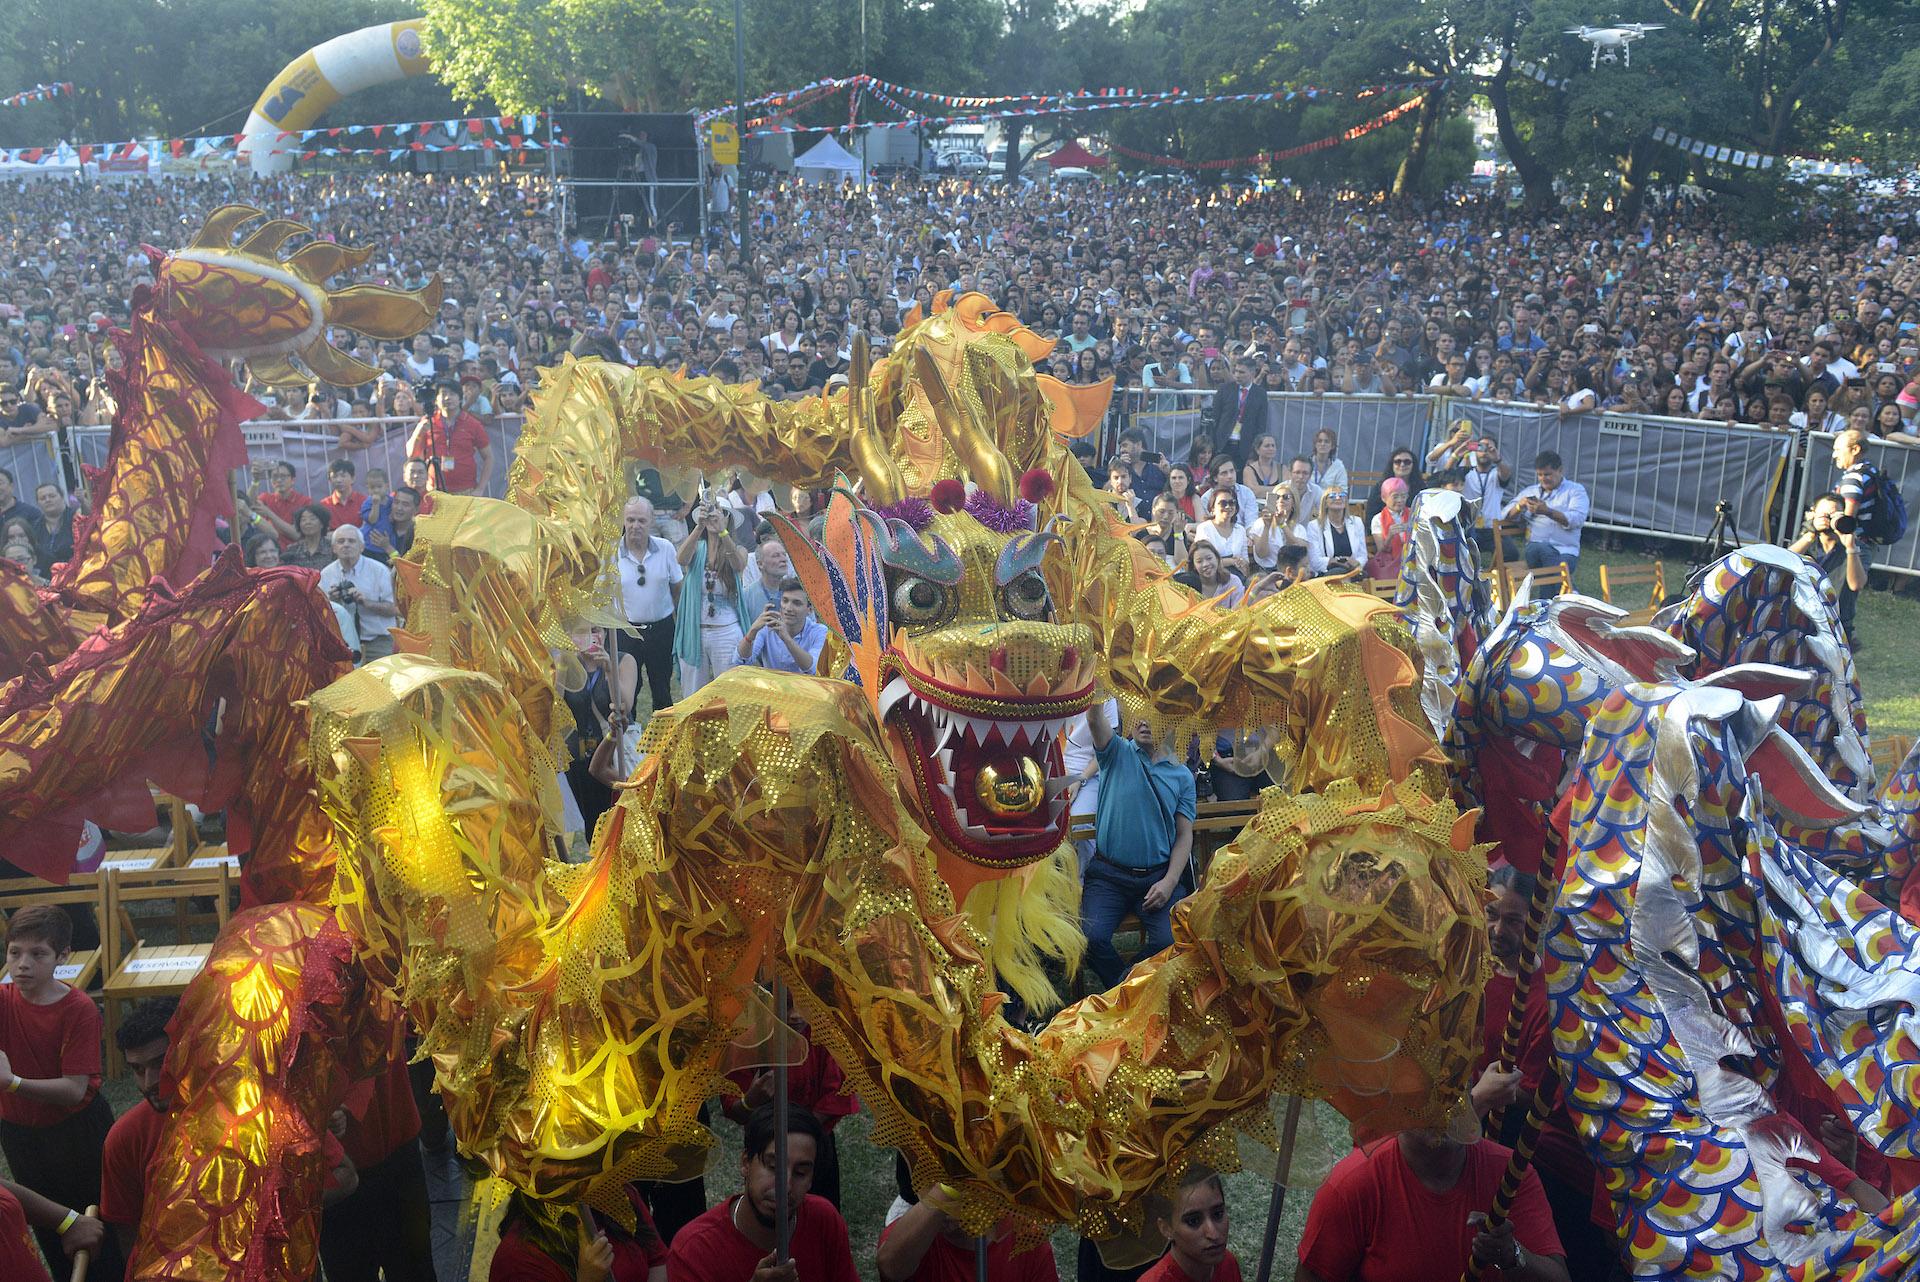 La tradicional Danza de Dragones y Leones ya es un clásico para recibir el Año Nuevo en el Bajo Belgrano.